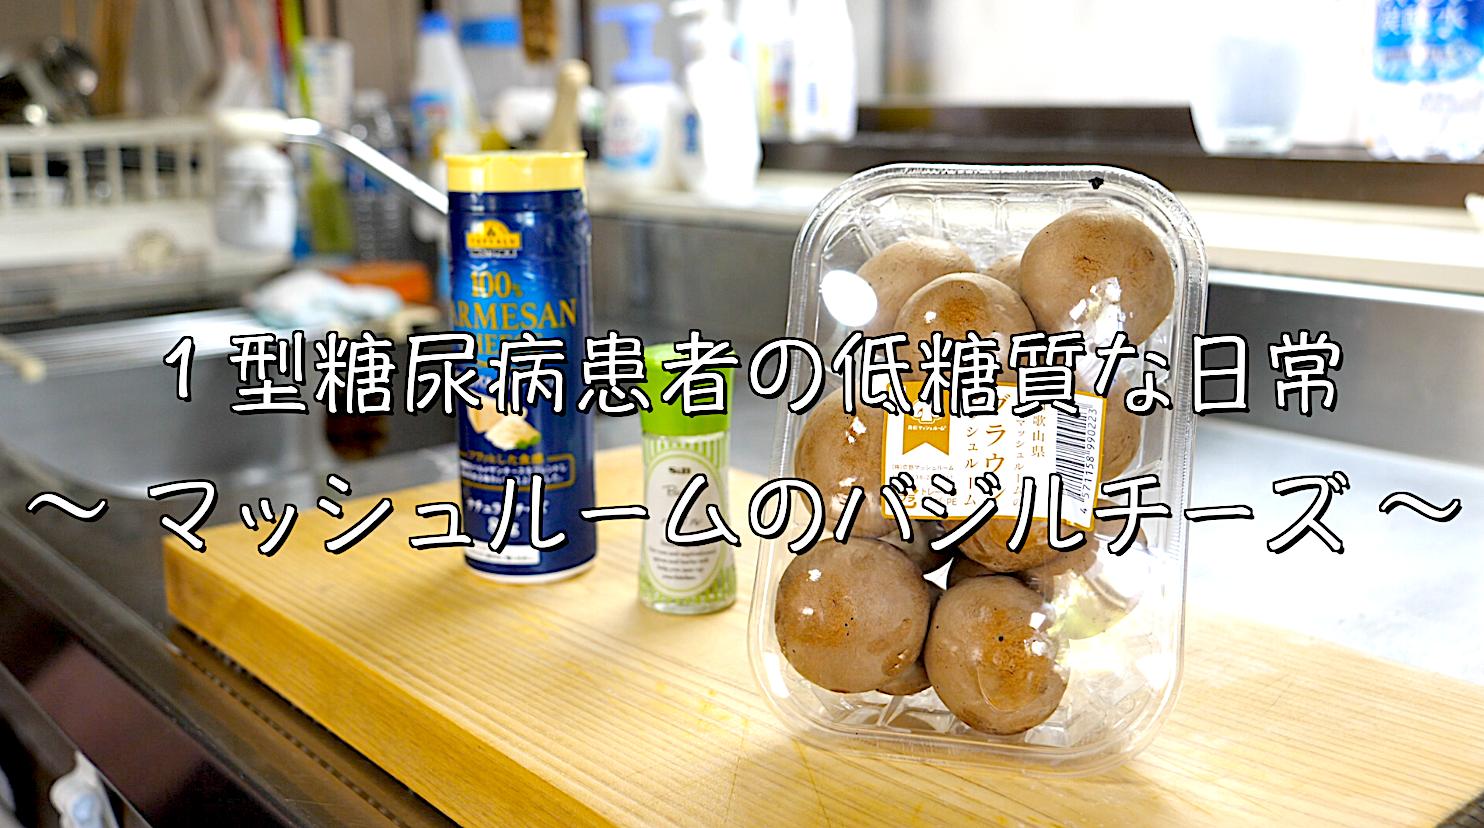 マッシュルーム おつまみ レシピ ダイエット